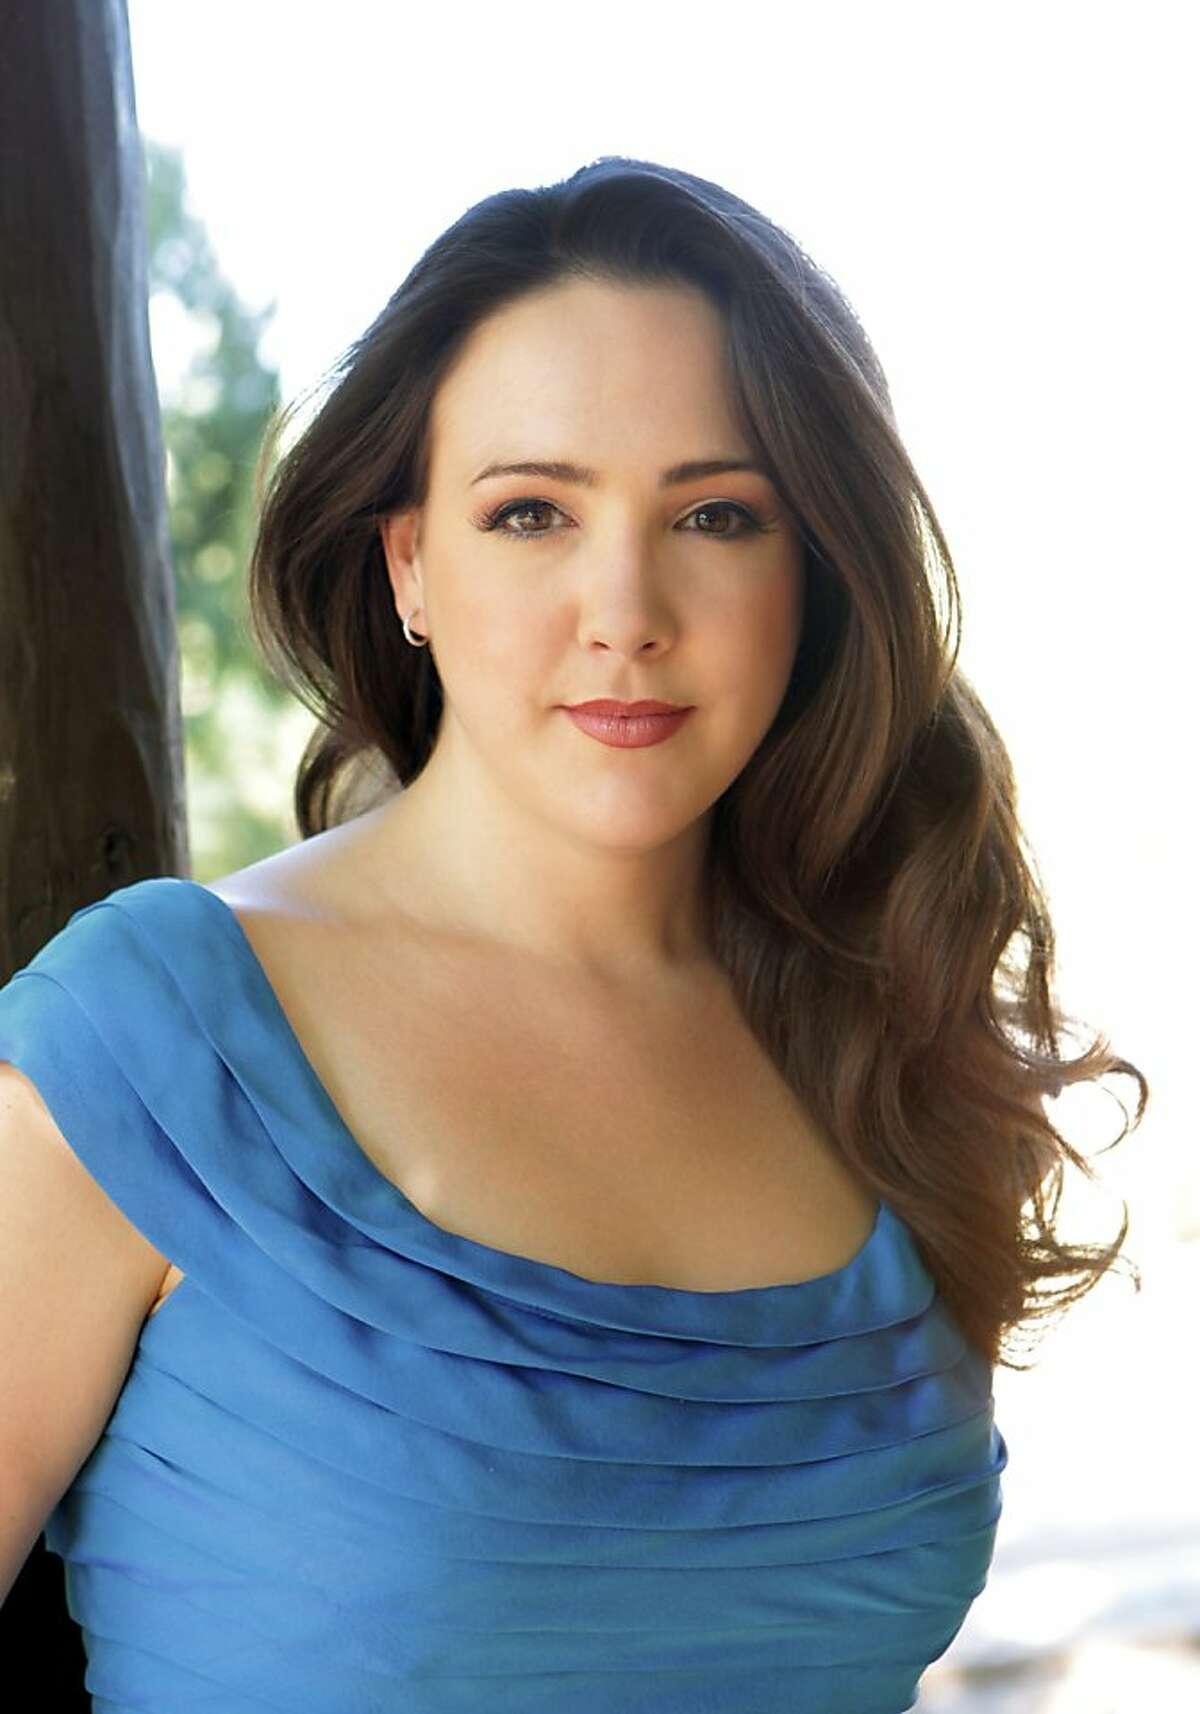 Soprano Susanna Phillips